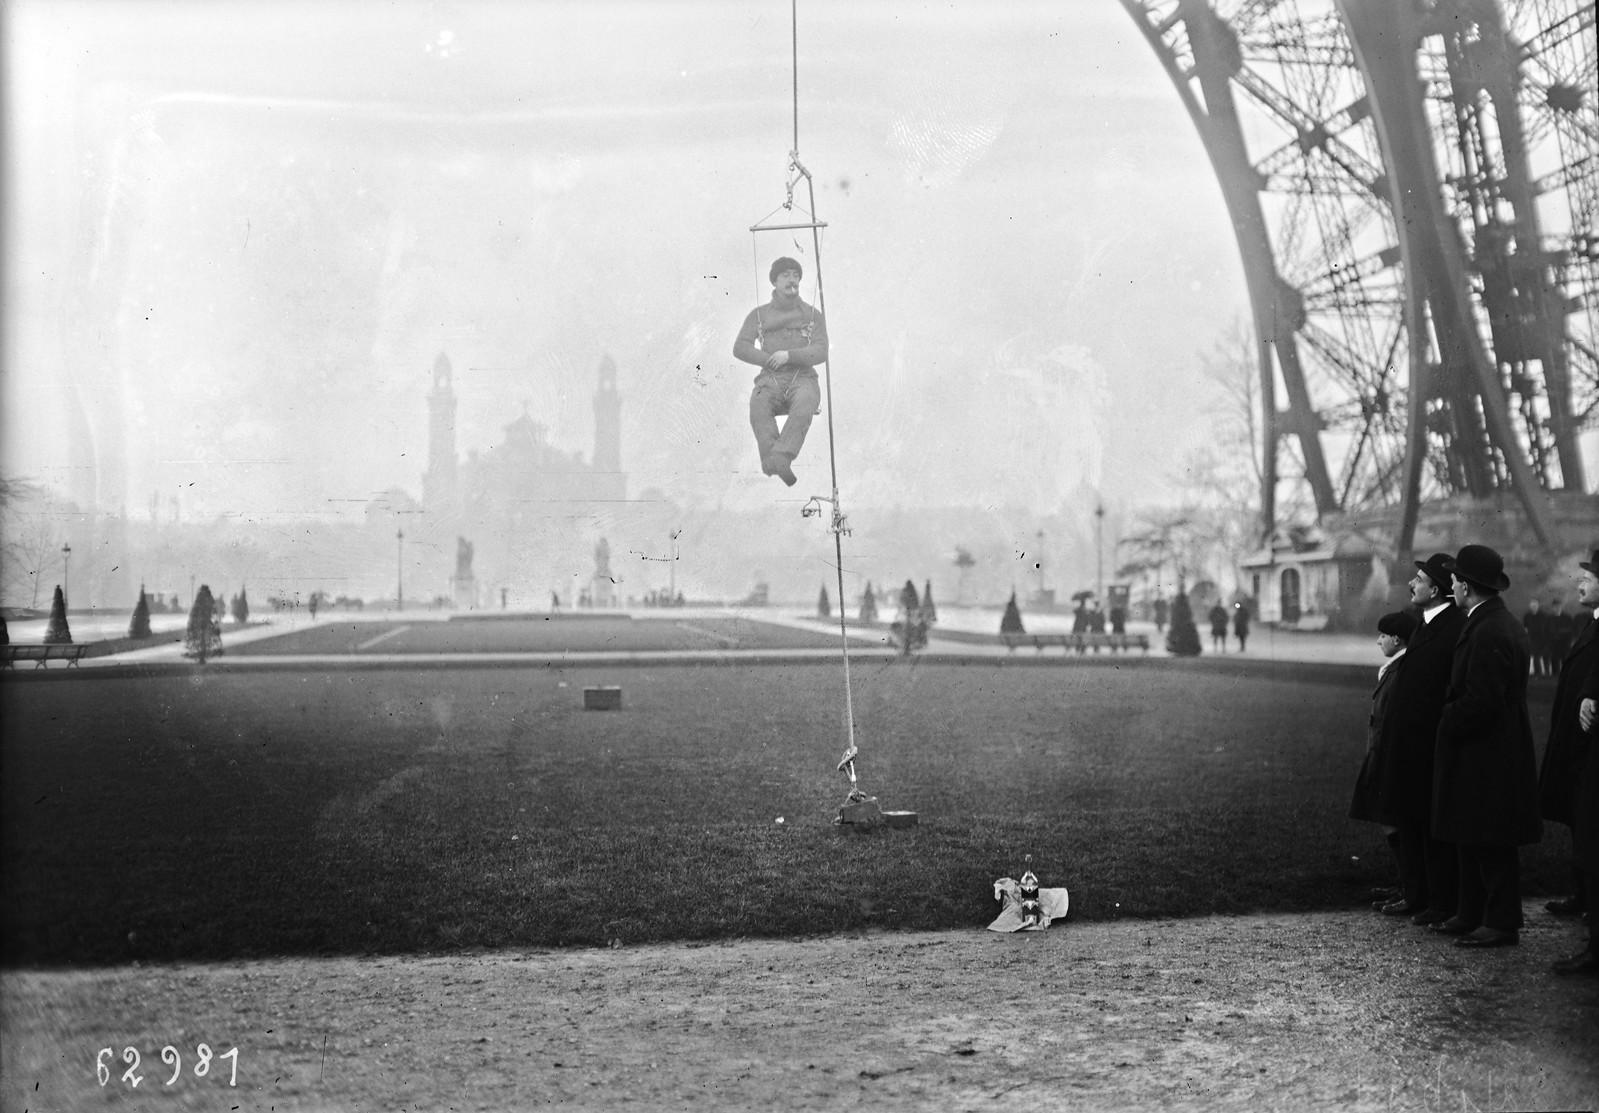 11. 1921. Поль Канс поднимается на первую платформу при помощи своего приспособления